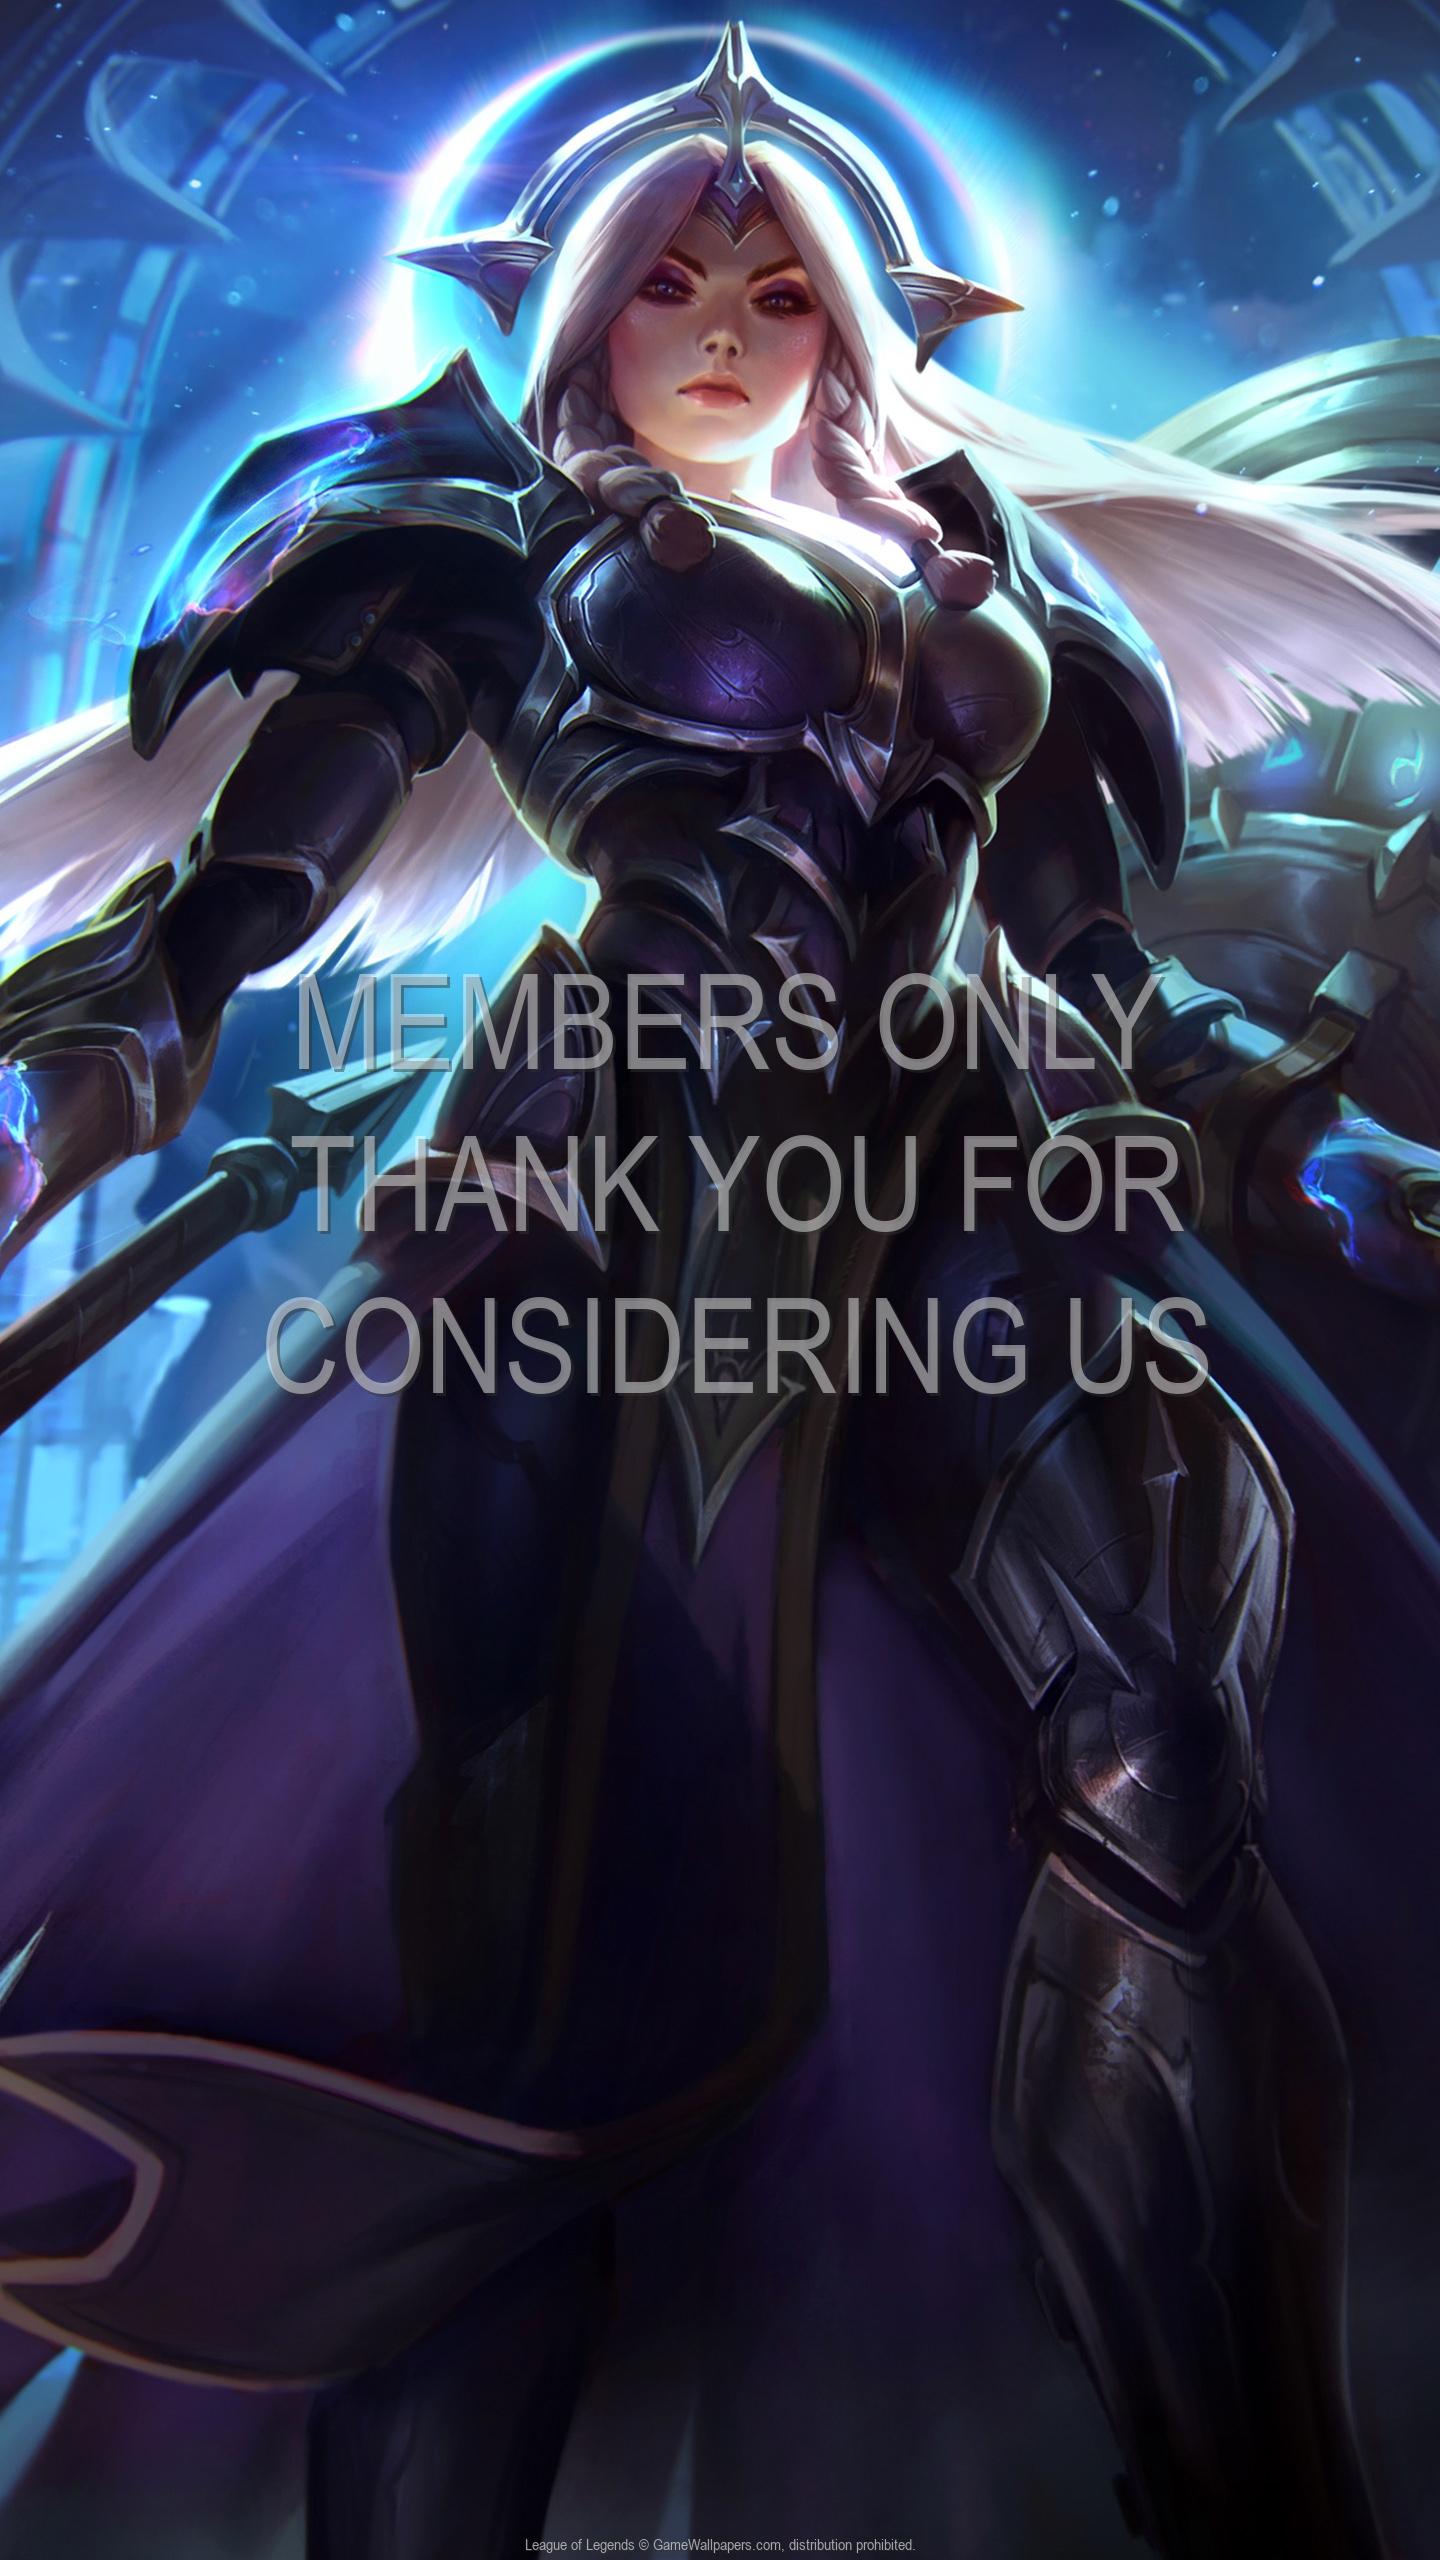 League of Legends 1920x1080 Handy Hintergrundbild 94